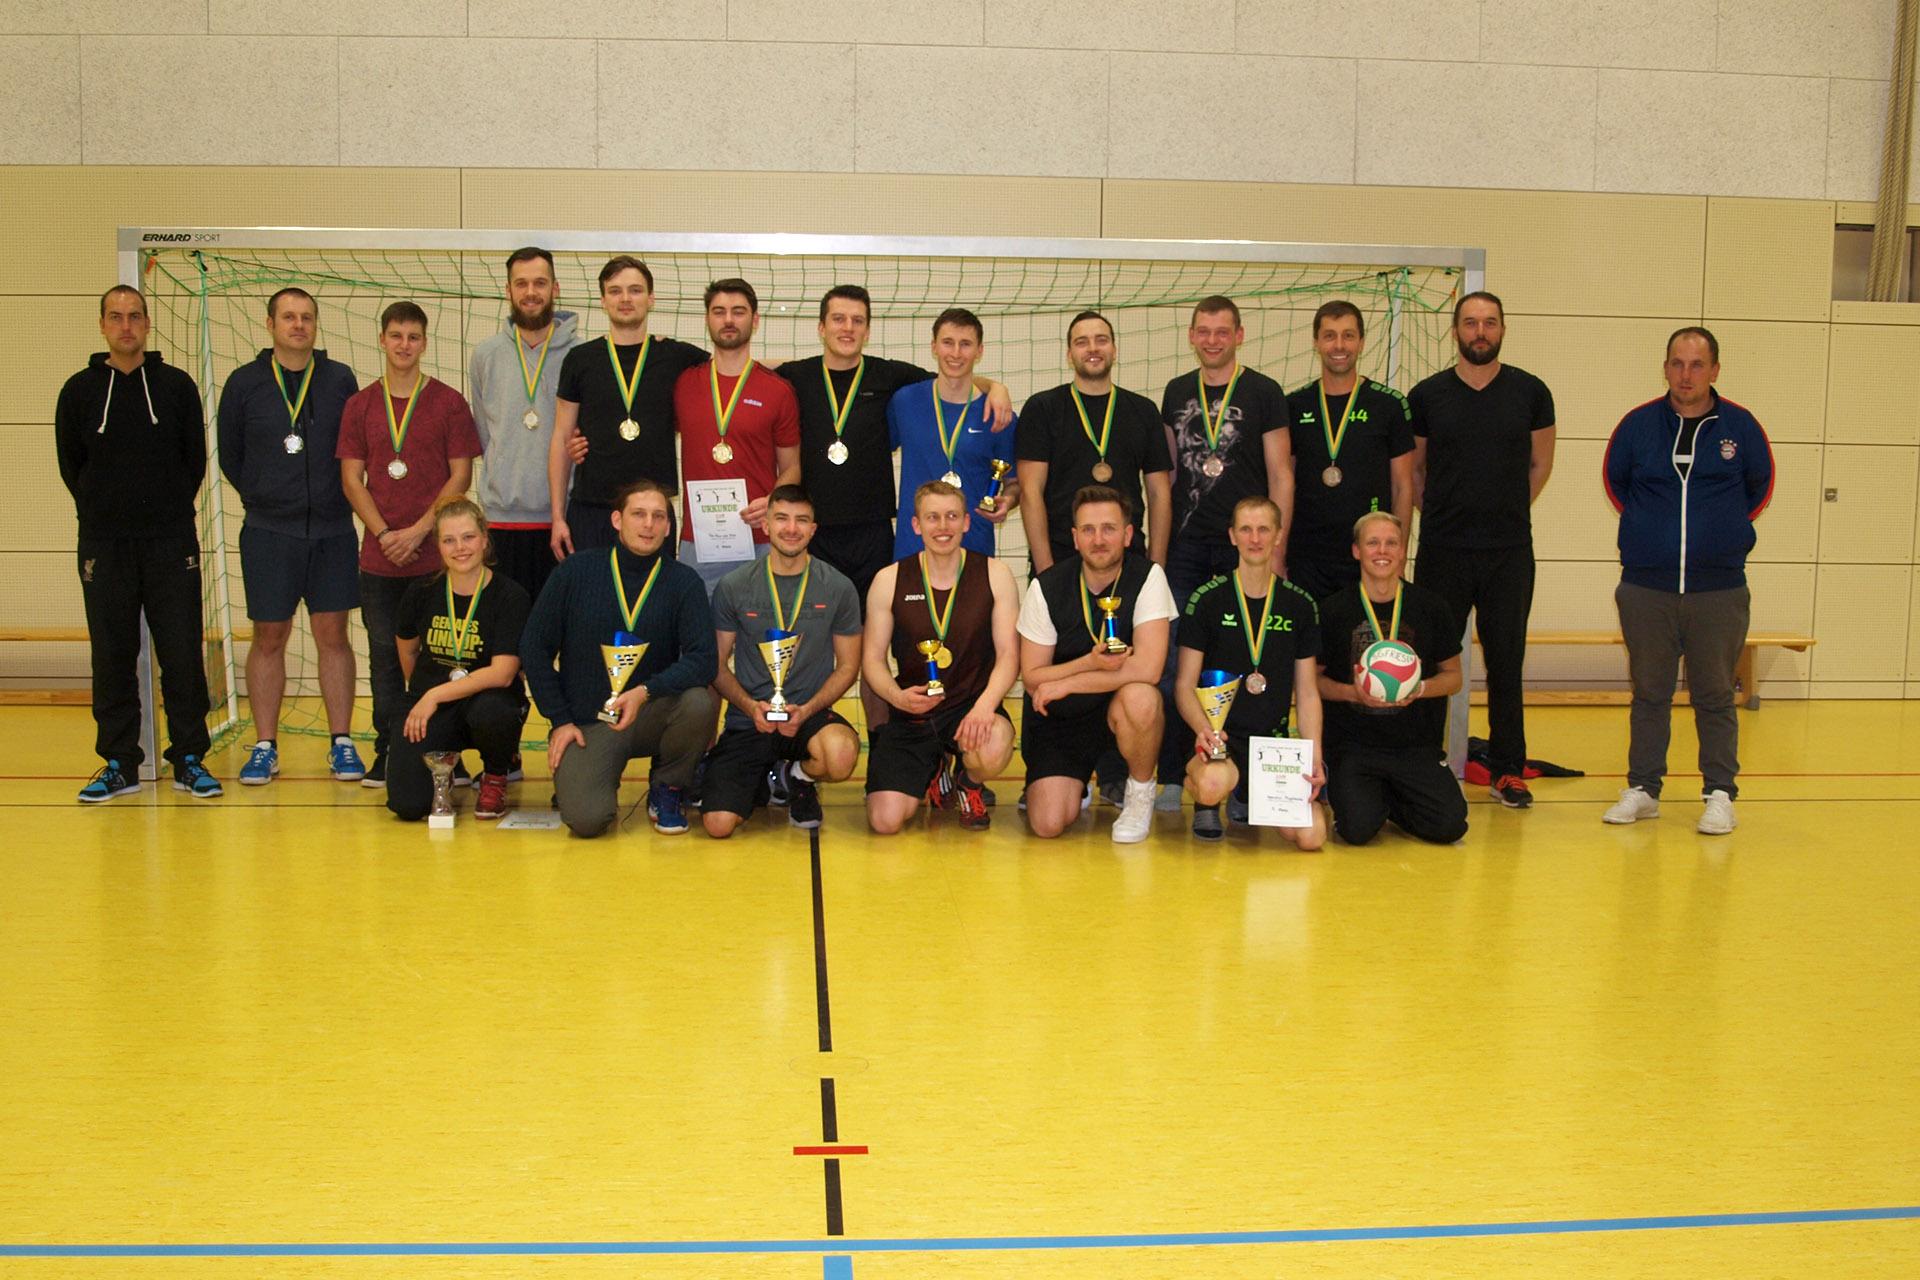 Die Medaillengewinner der 11. Greizer Ballnacht ( von links ) Das Team welches mir persönlich am besten gefällt ; Für Rum und Ehre ; Operation Flughörnchen.